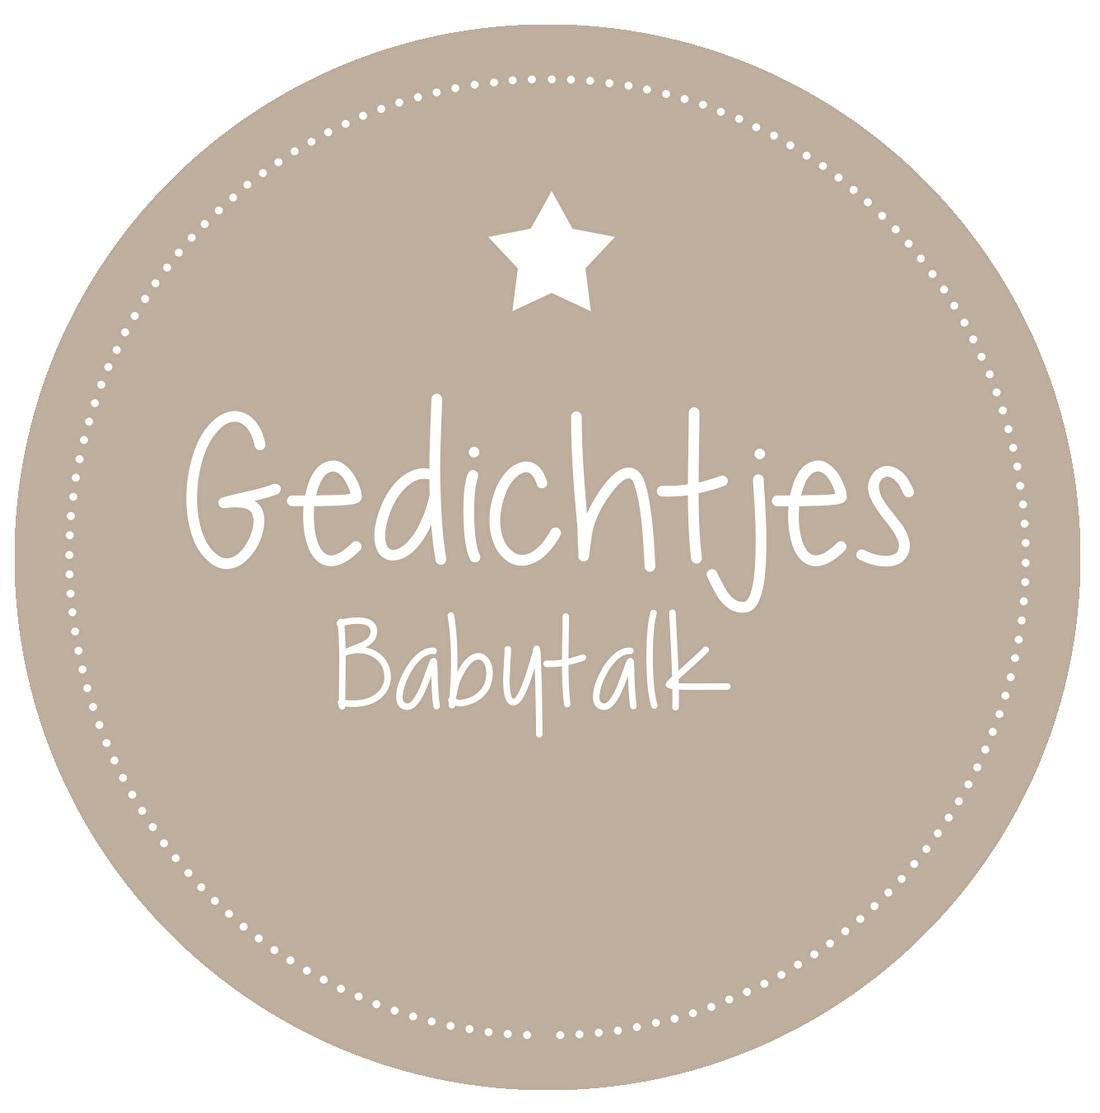 Babytalk geboortegedichtjes